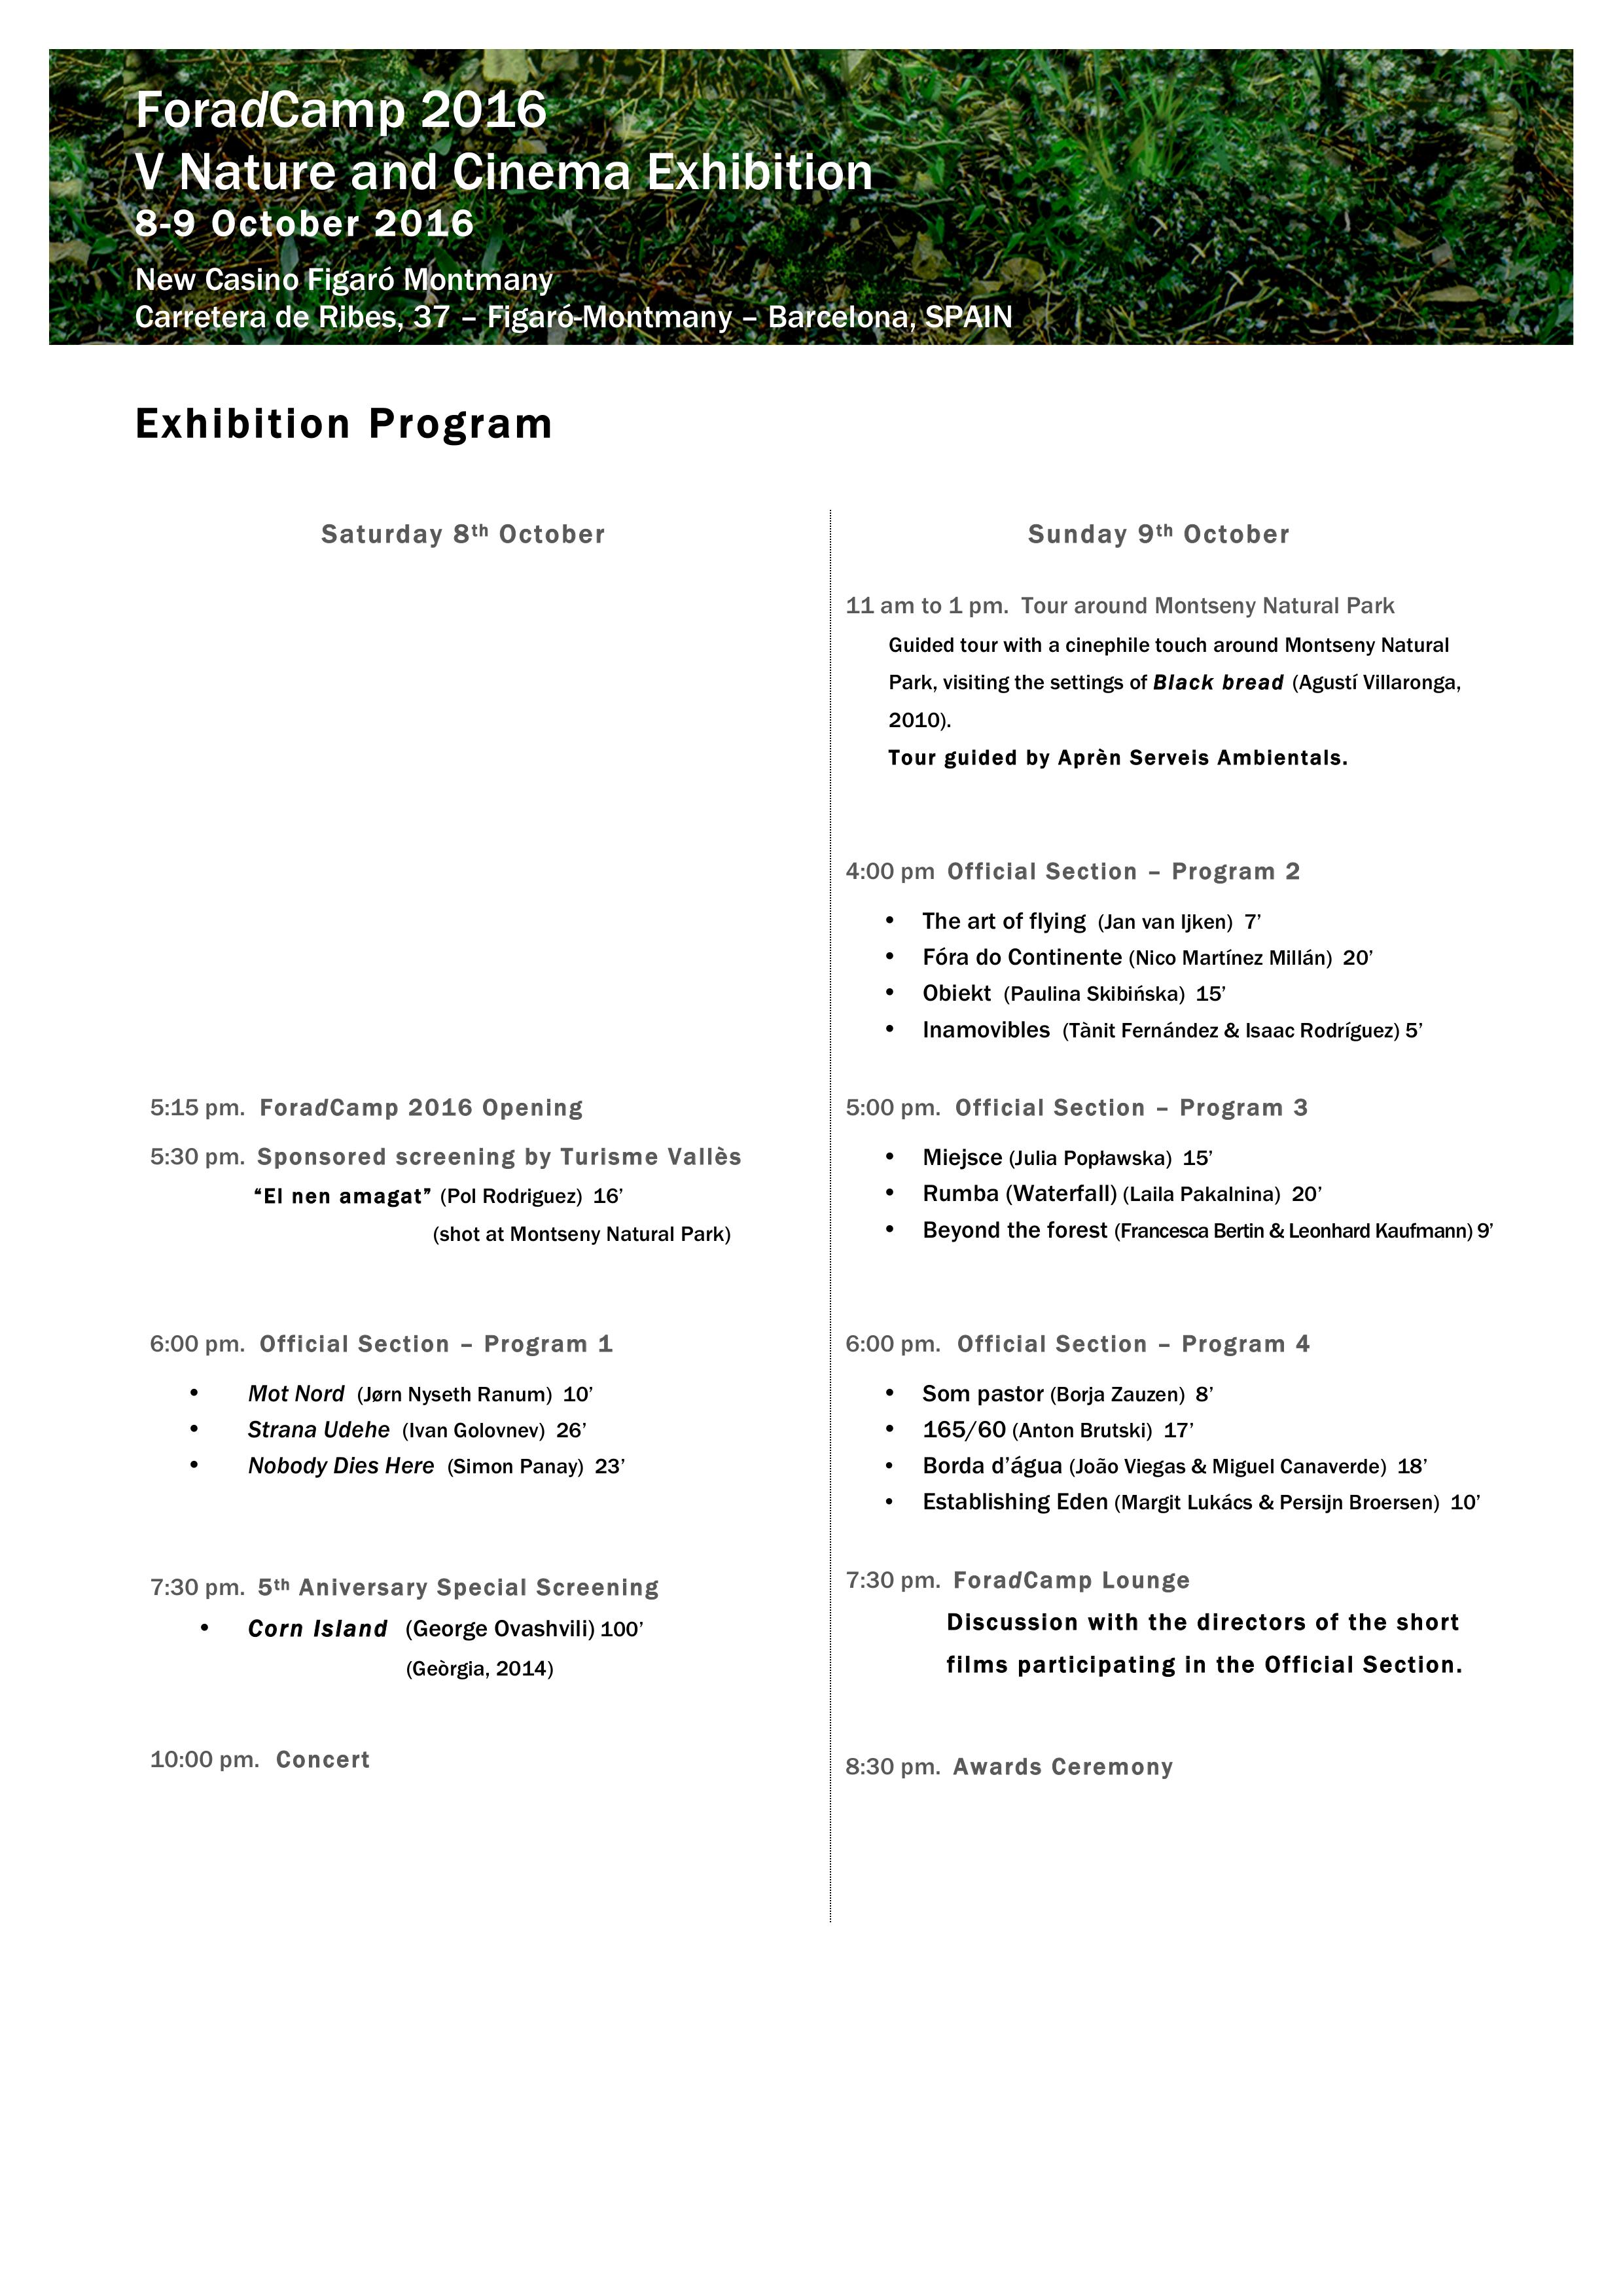 foradcamp-2016-exhibition-program